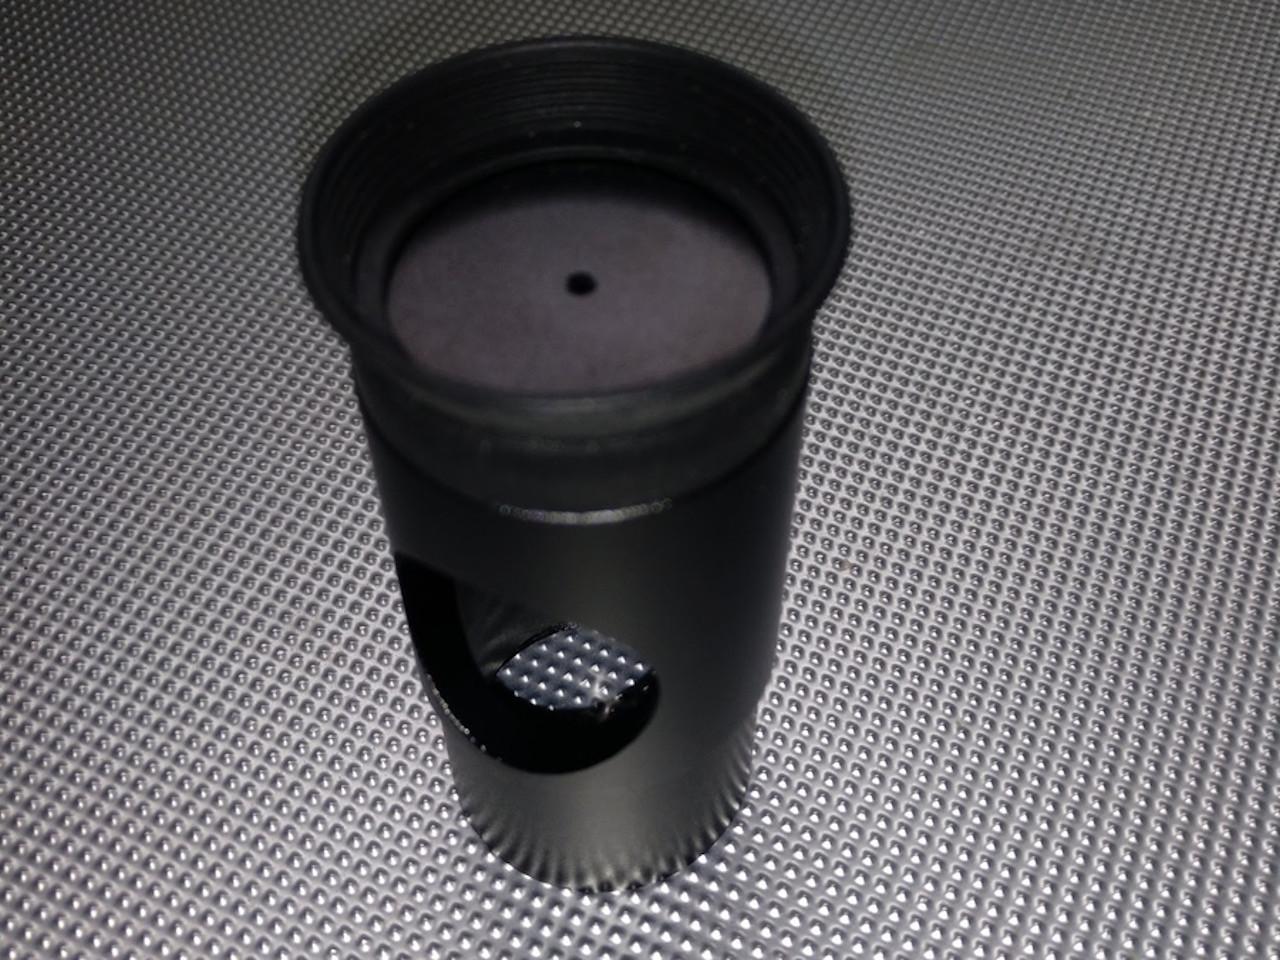 """Ocular de<span class=""""glossaryterm"""" title=""""Proceso para alinear un dispositivo óptico de manera que quede completamente paralelo a otro, a un eje de rotación o a uno o varios elementos ópticos de un mismo dispositivo.""""> colimación </span>Cheshire"""